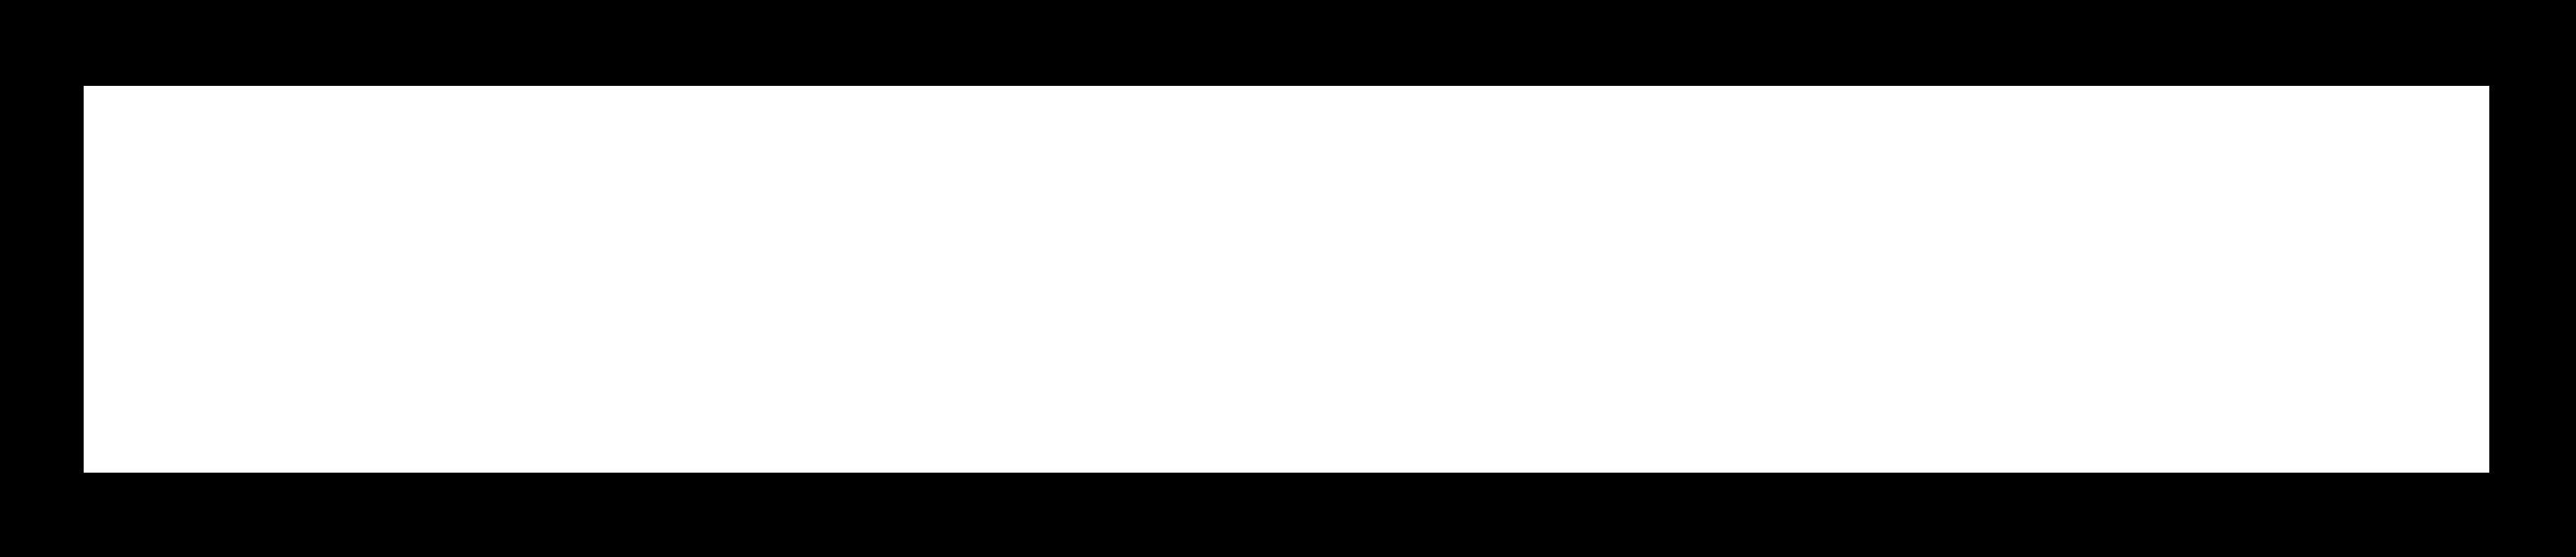 Zly Digital